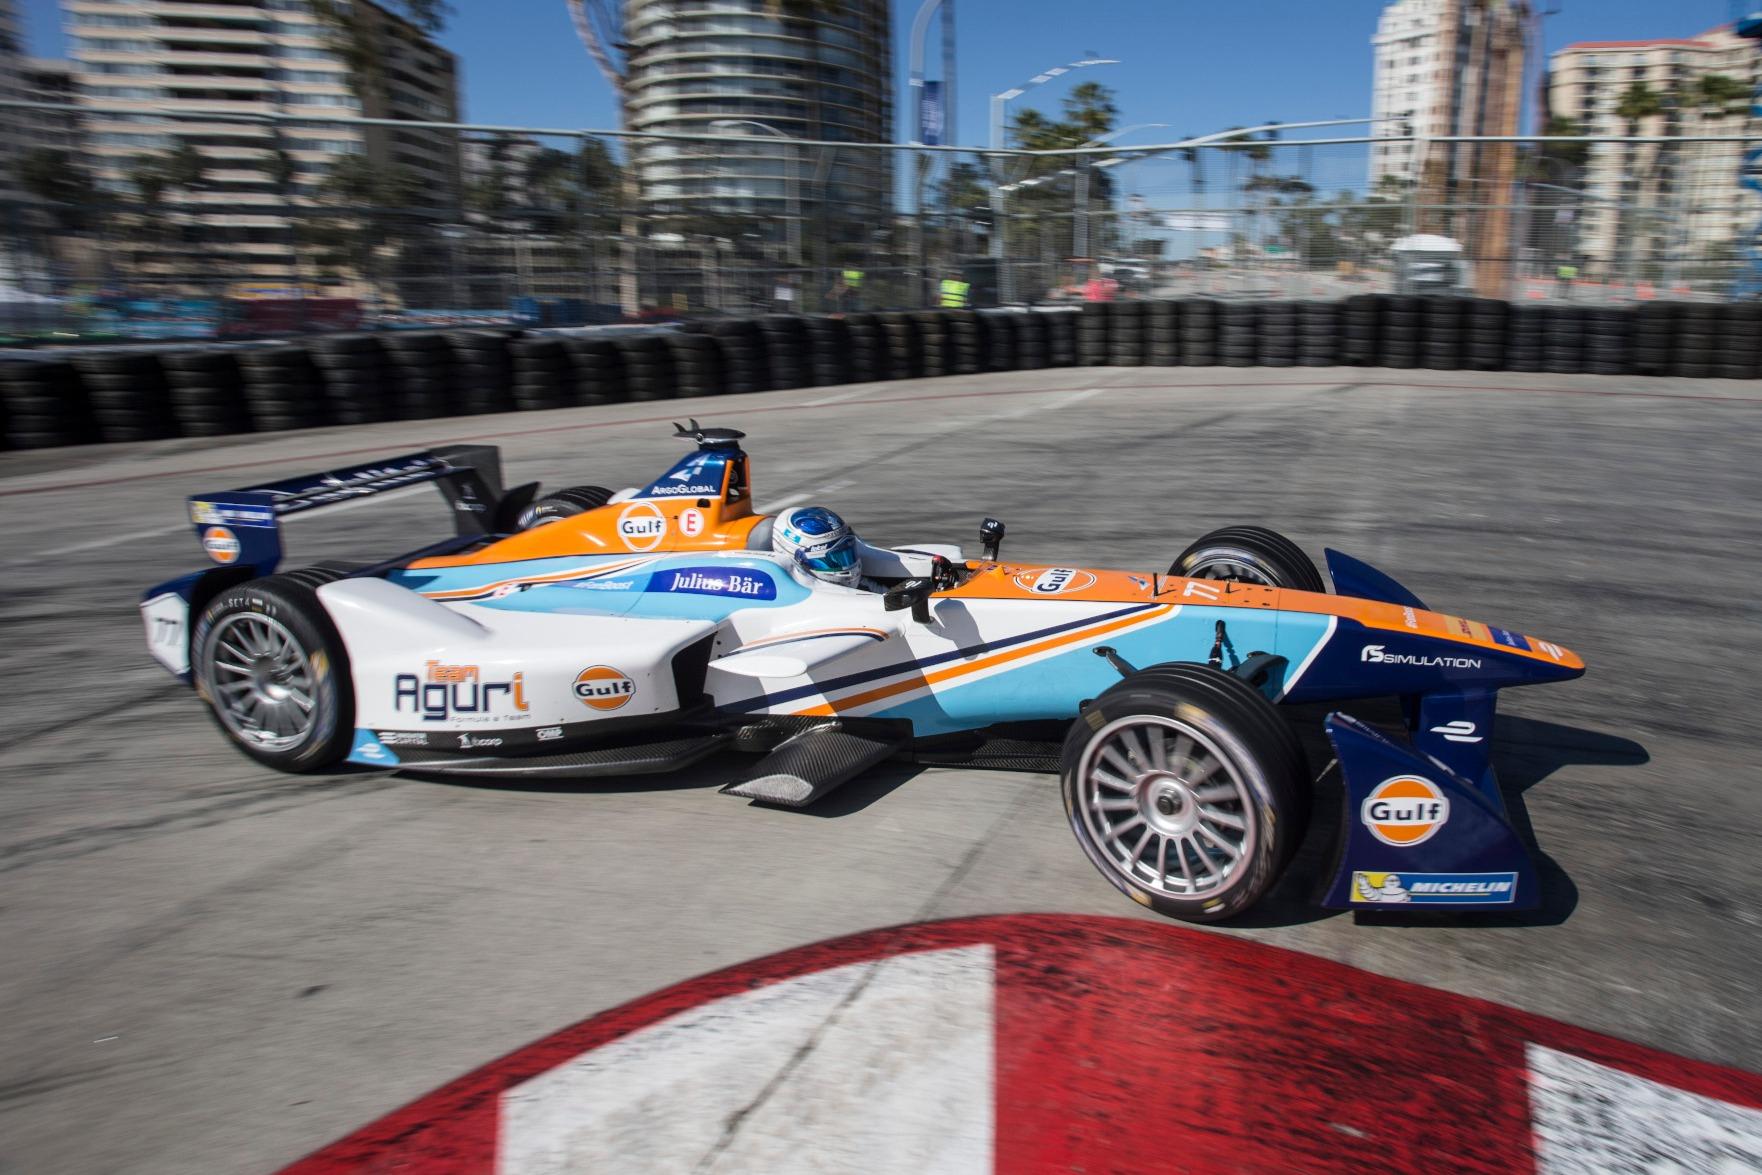 Salvador Duran, Aguri Formula E 2016 Long Beach